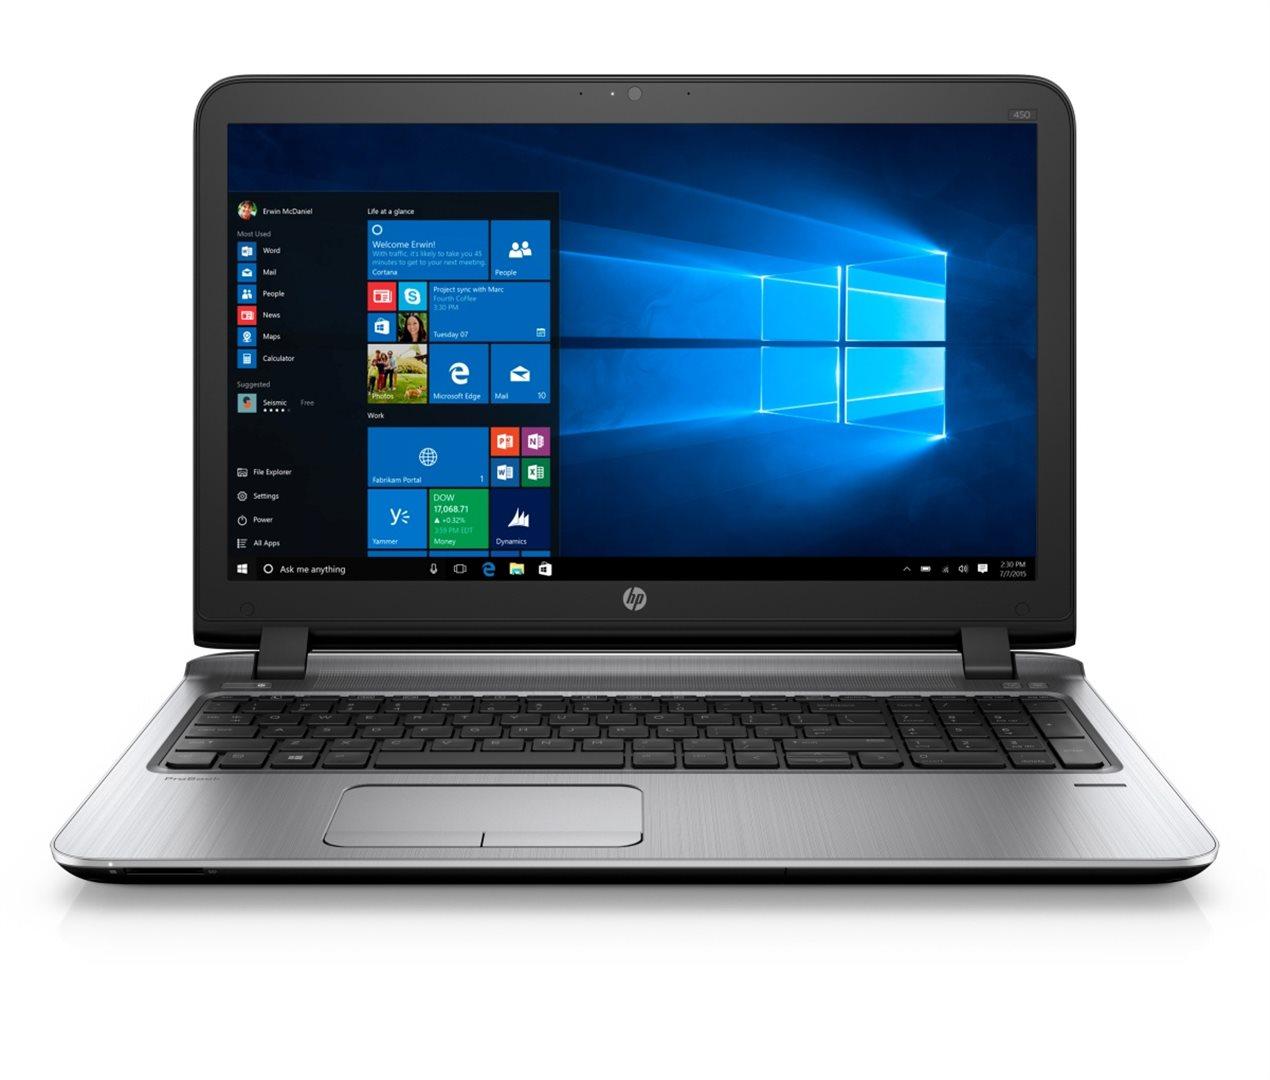 HP ProBook 450 G3 i3-6100U/4 GB/500 GB 7200 ot./DVD+/-RW/Intel HD 520/15,6'' HD/backlit keyb /Win10 Pro+Win7 Pro